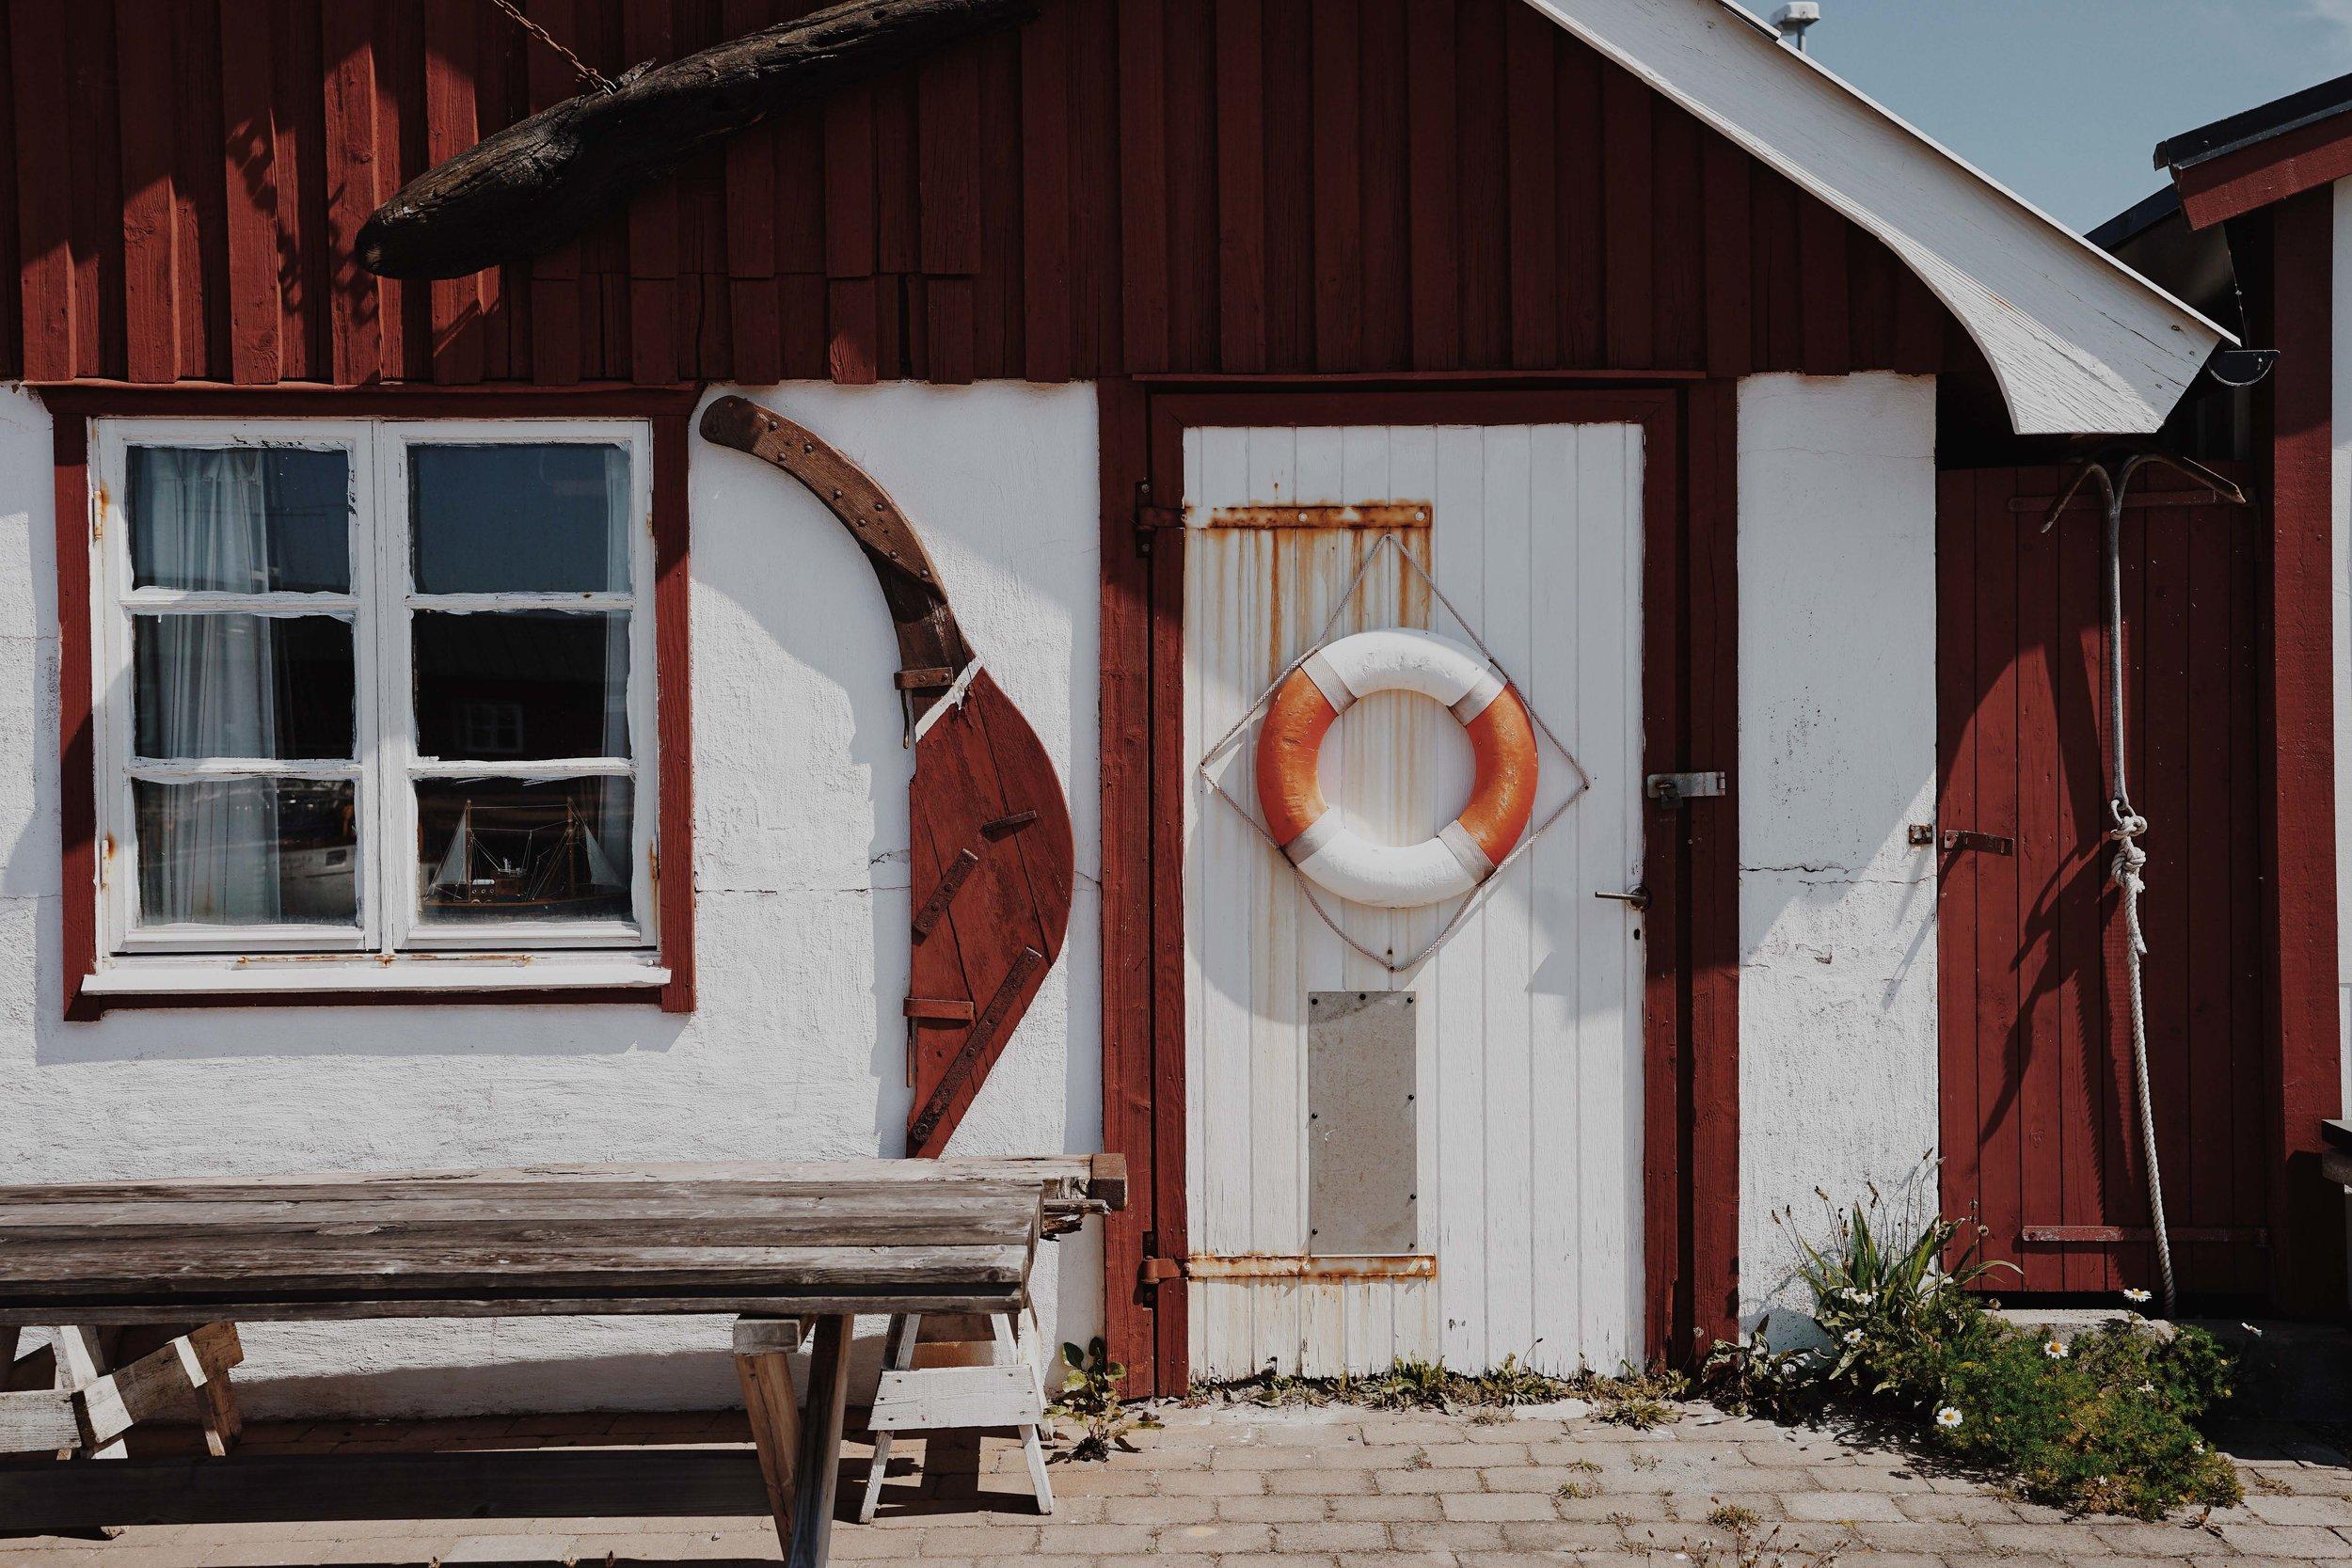 ASROSENVINGE_VisitSkane_Sweden_Torekov_Harbour_LowRes-221.jpg